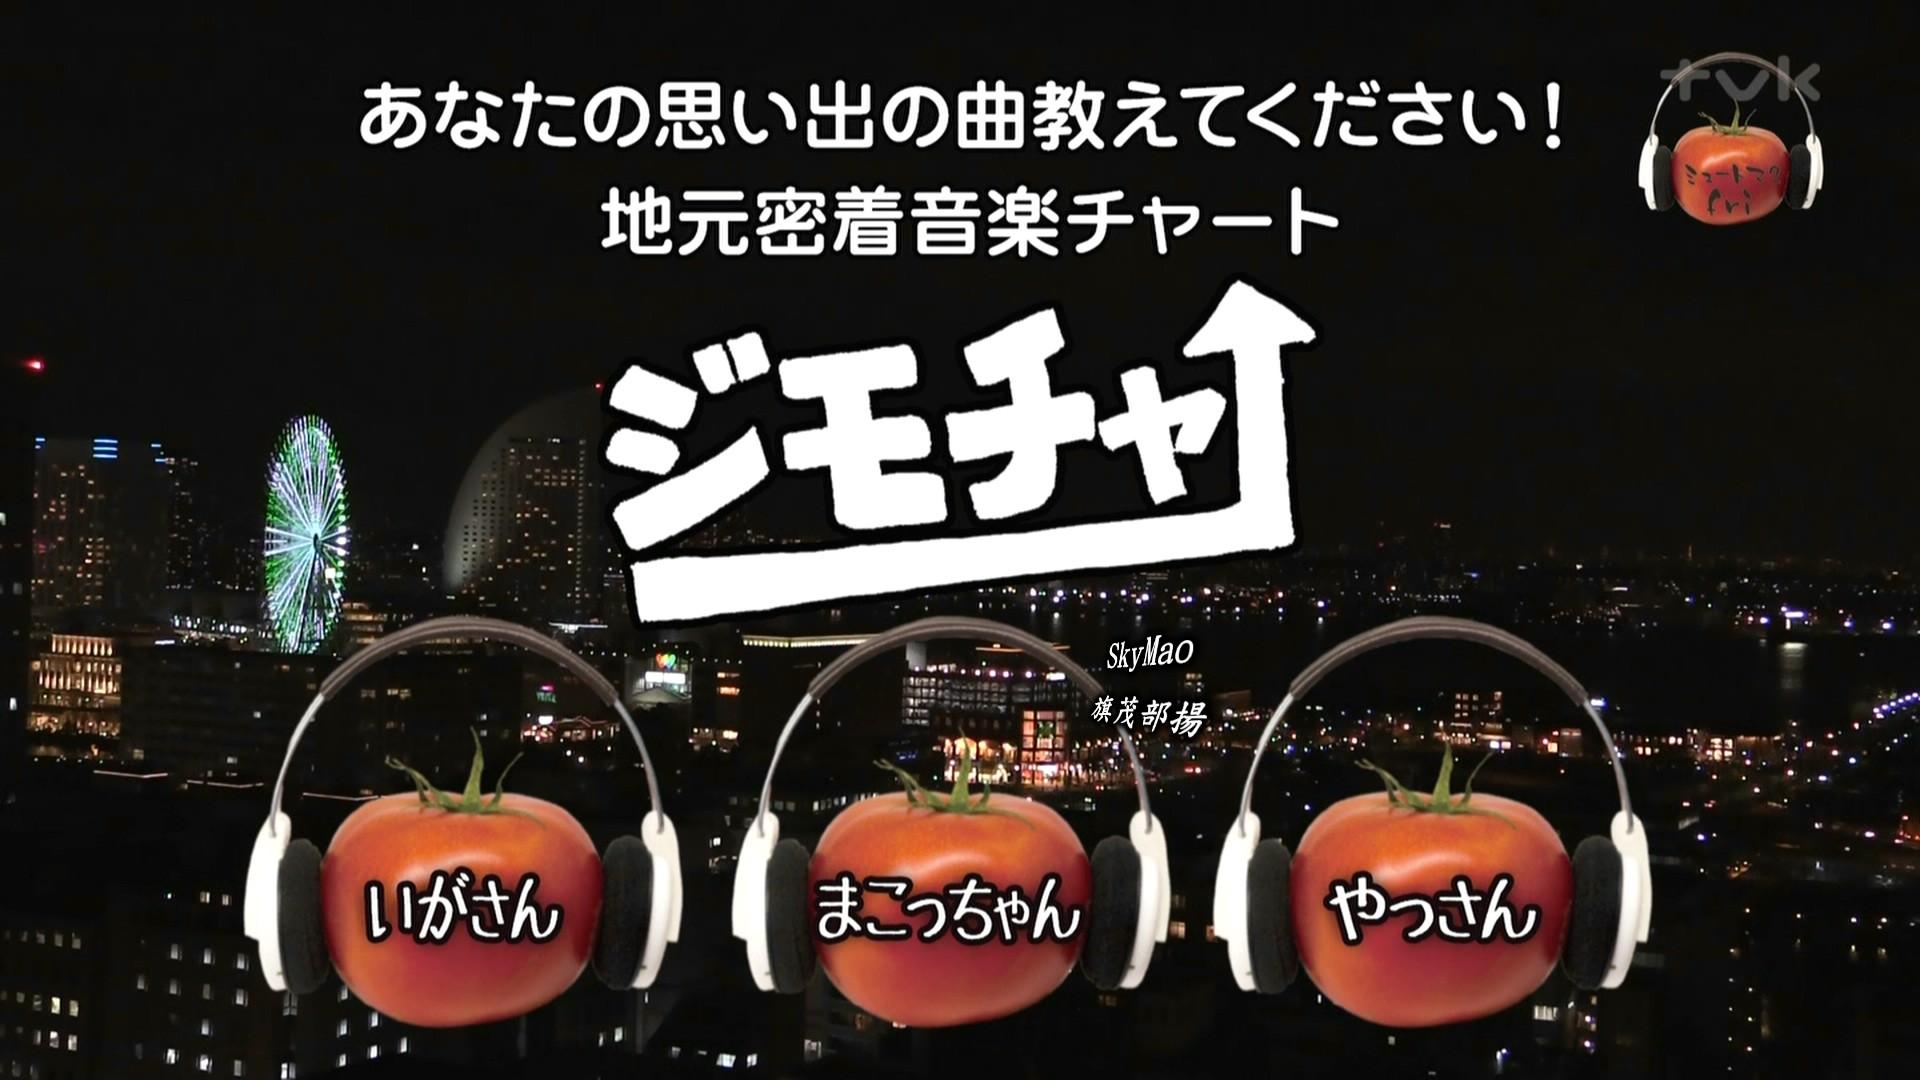 2017.04.14 全場(ミュートマ2).ts_20170414_234437.564